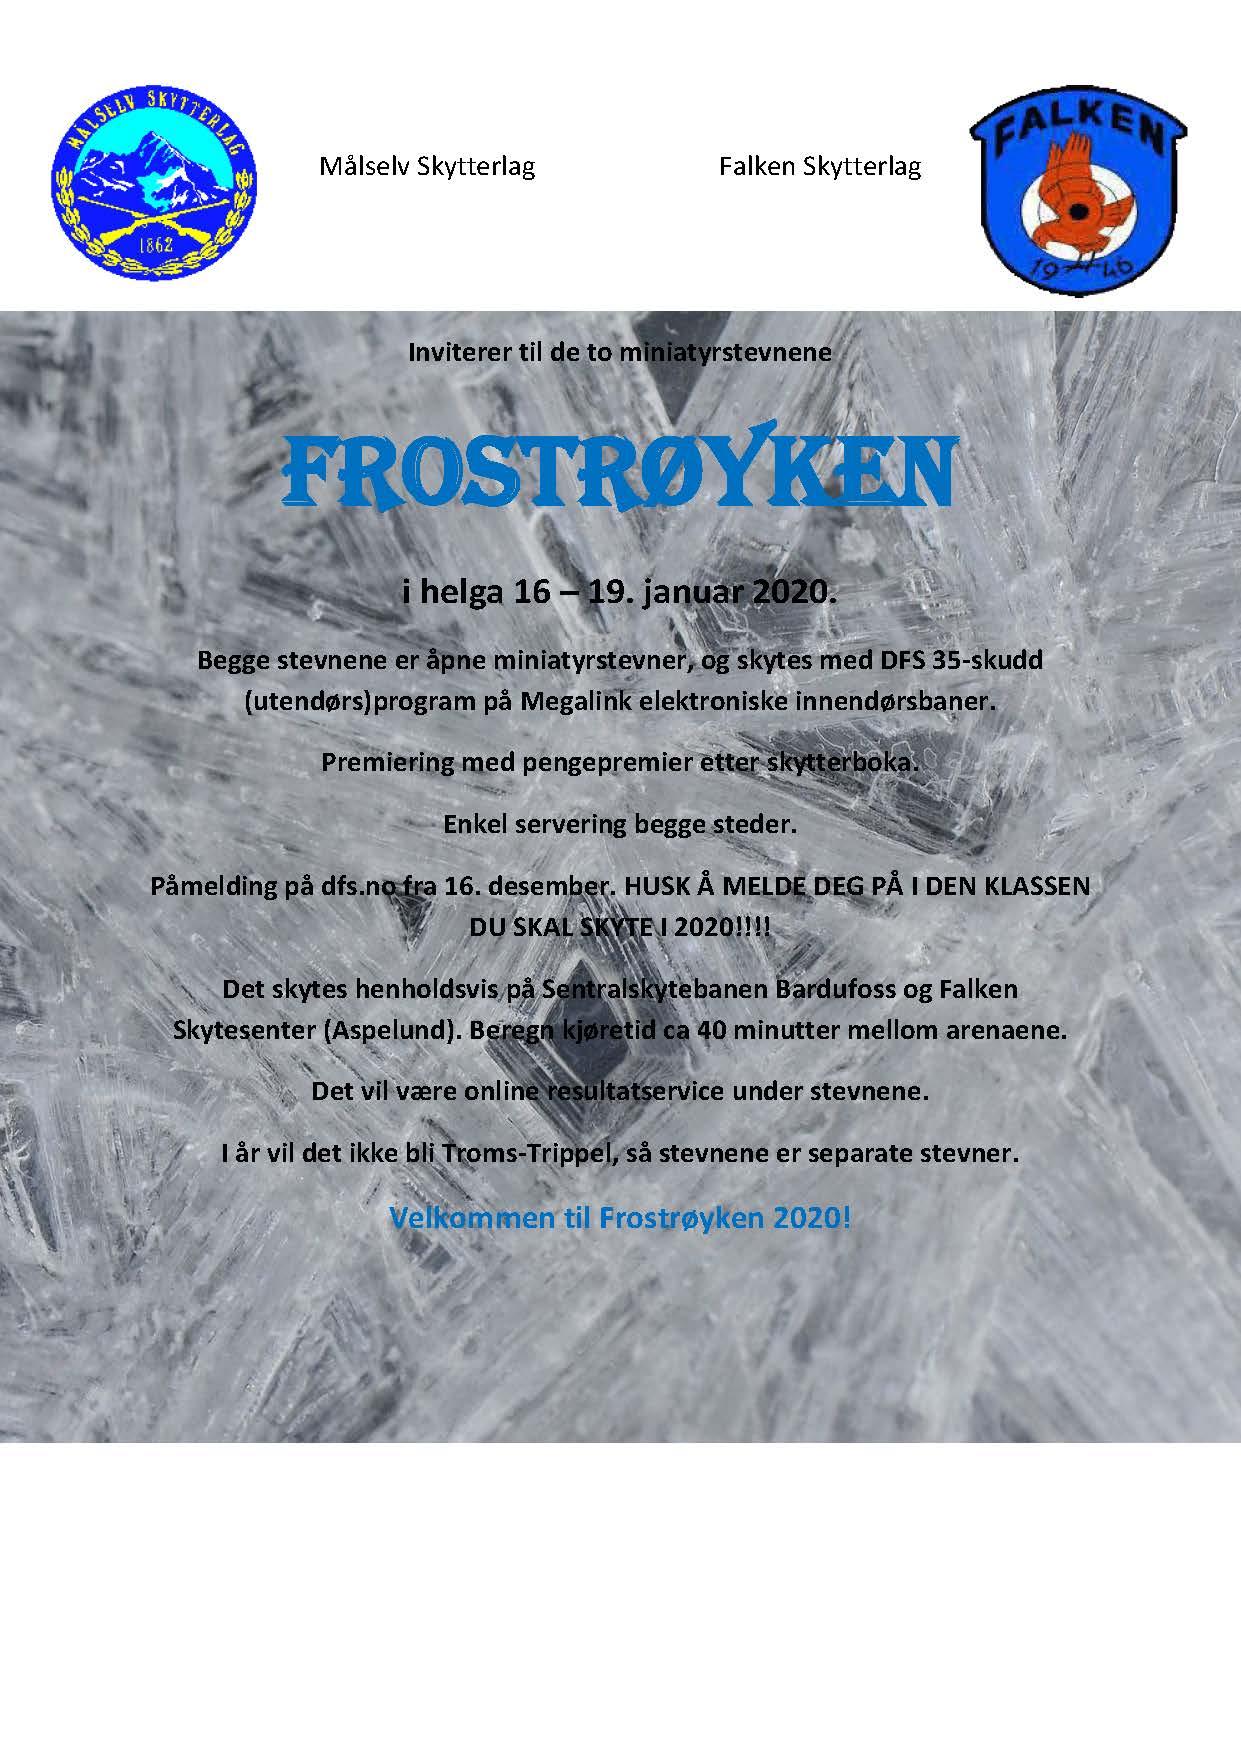 Innbydelse Frostrøyken 2020